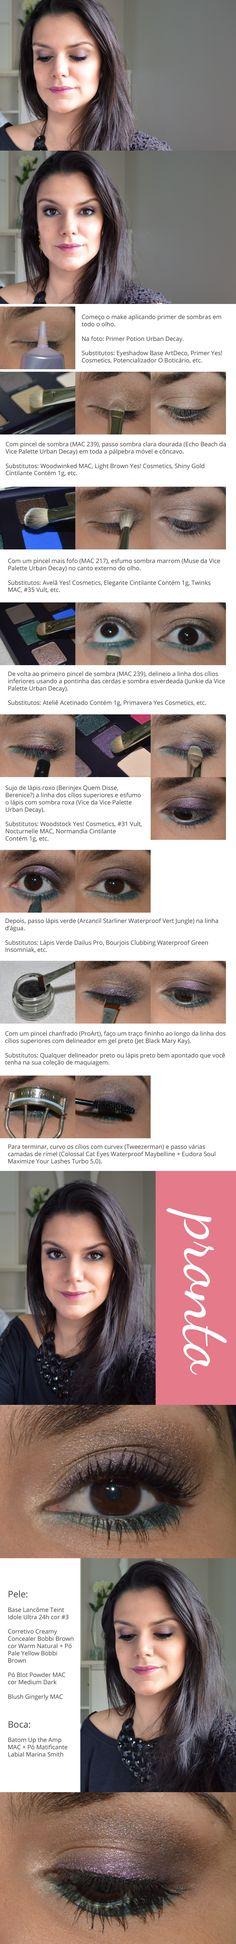 Tutorial: Roxo e Verde http://www.2beauty.com.br/blog/2014/03/06/tutorial-roxo-e-verde-2/ #maquiagem #makeup #tutorial